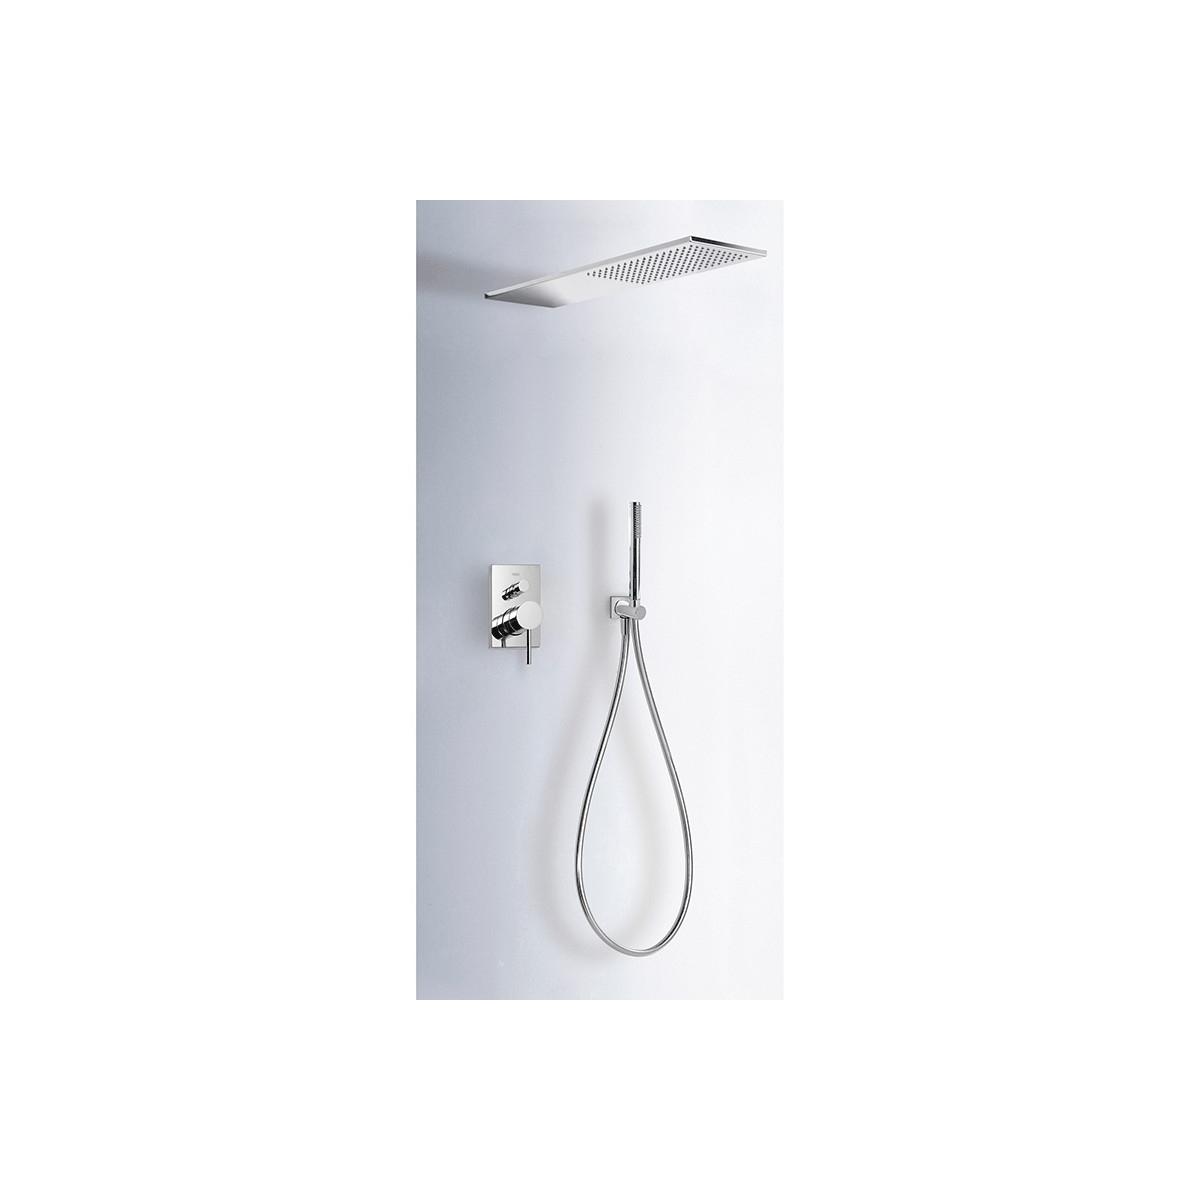 Conjunto ducha INOX empotrado Max-Tres